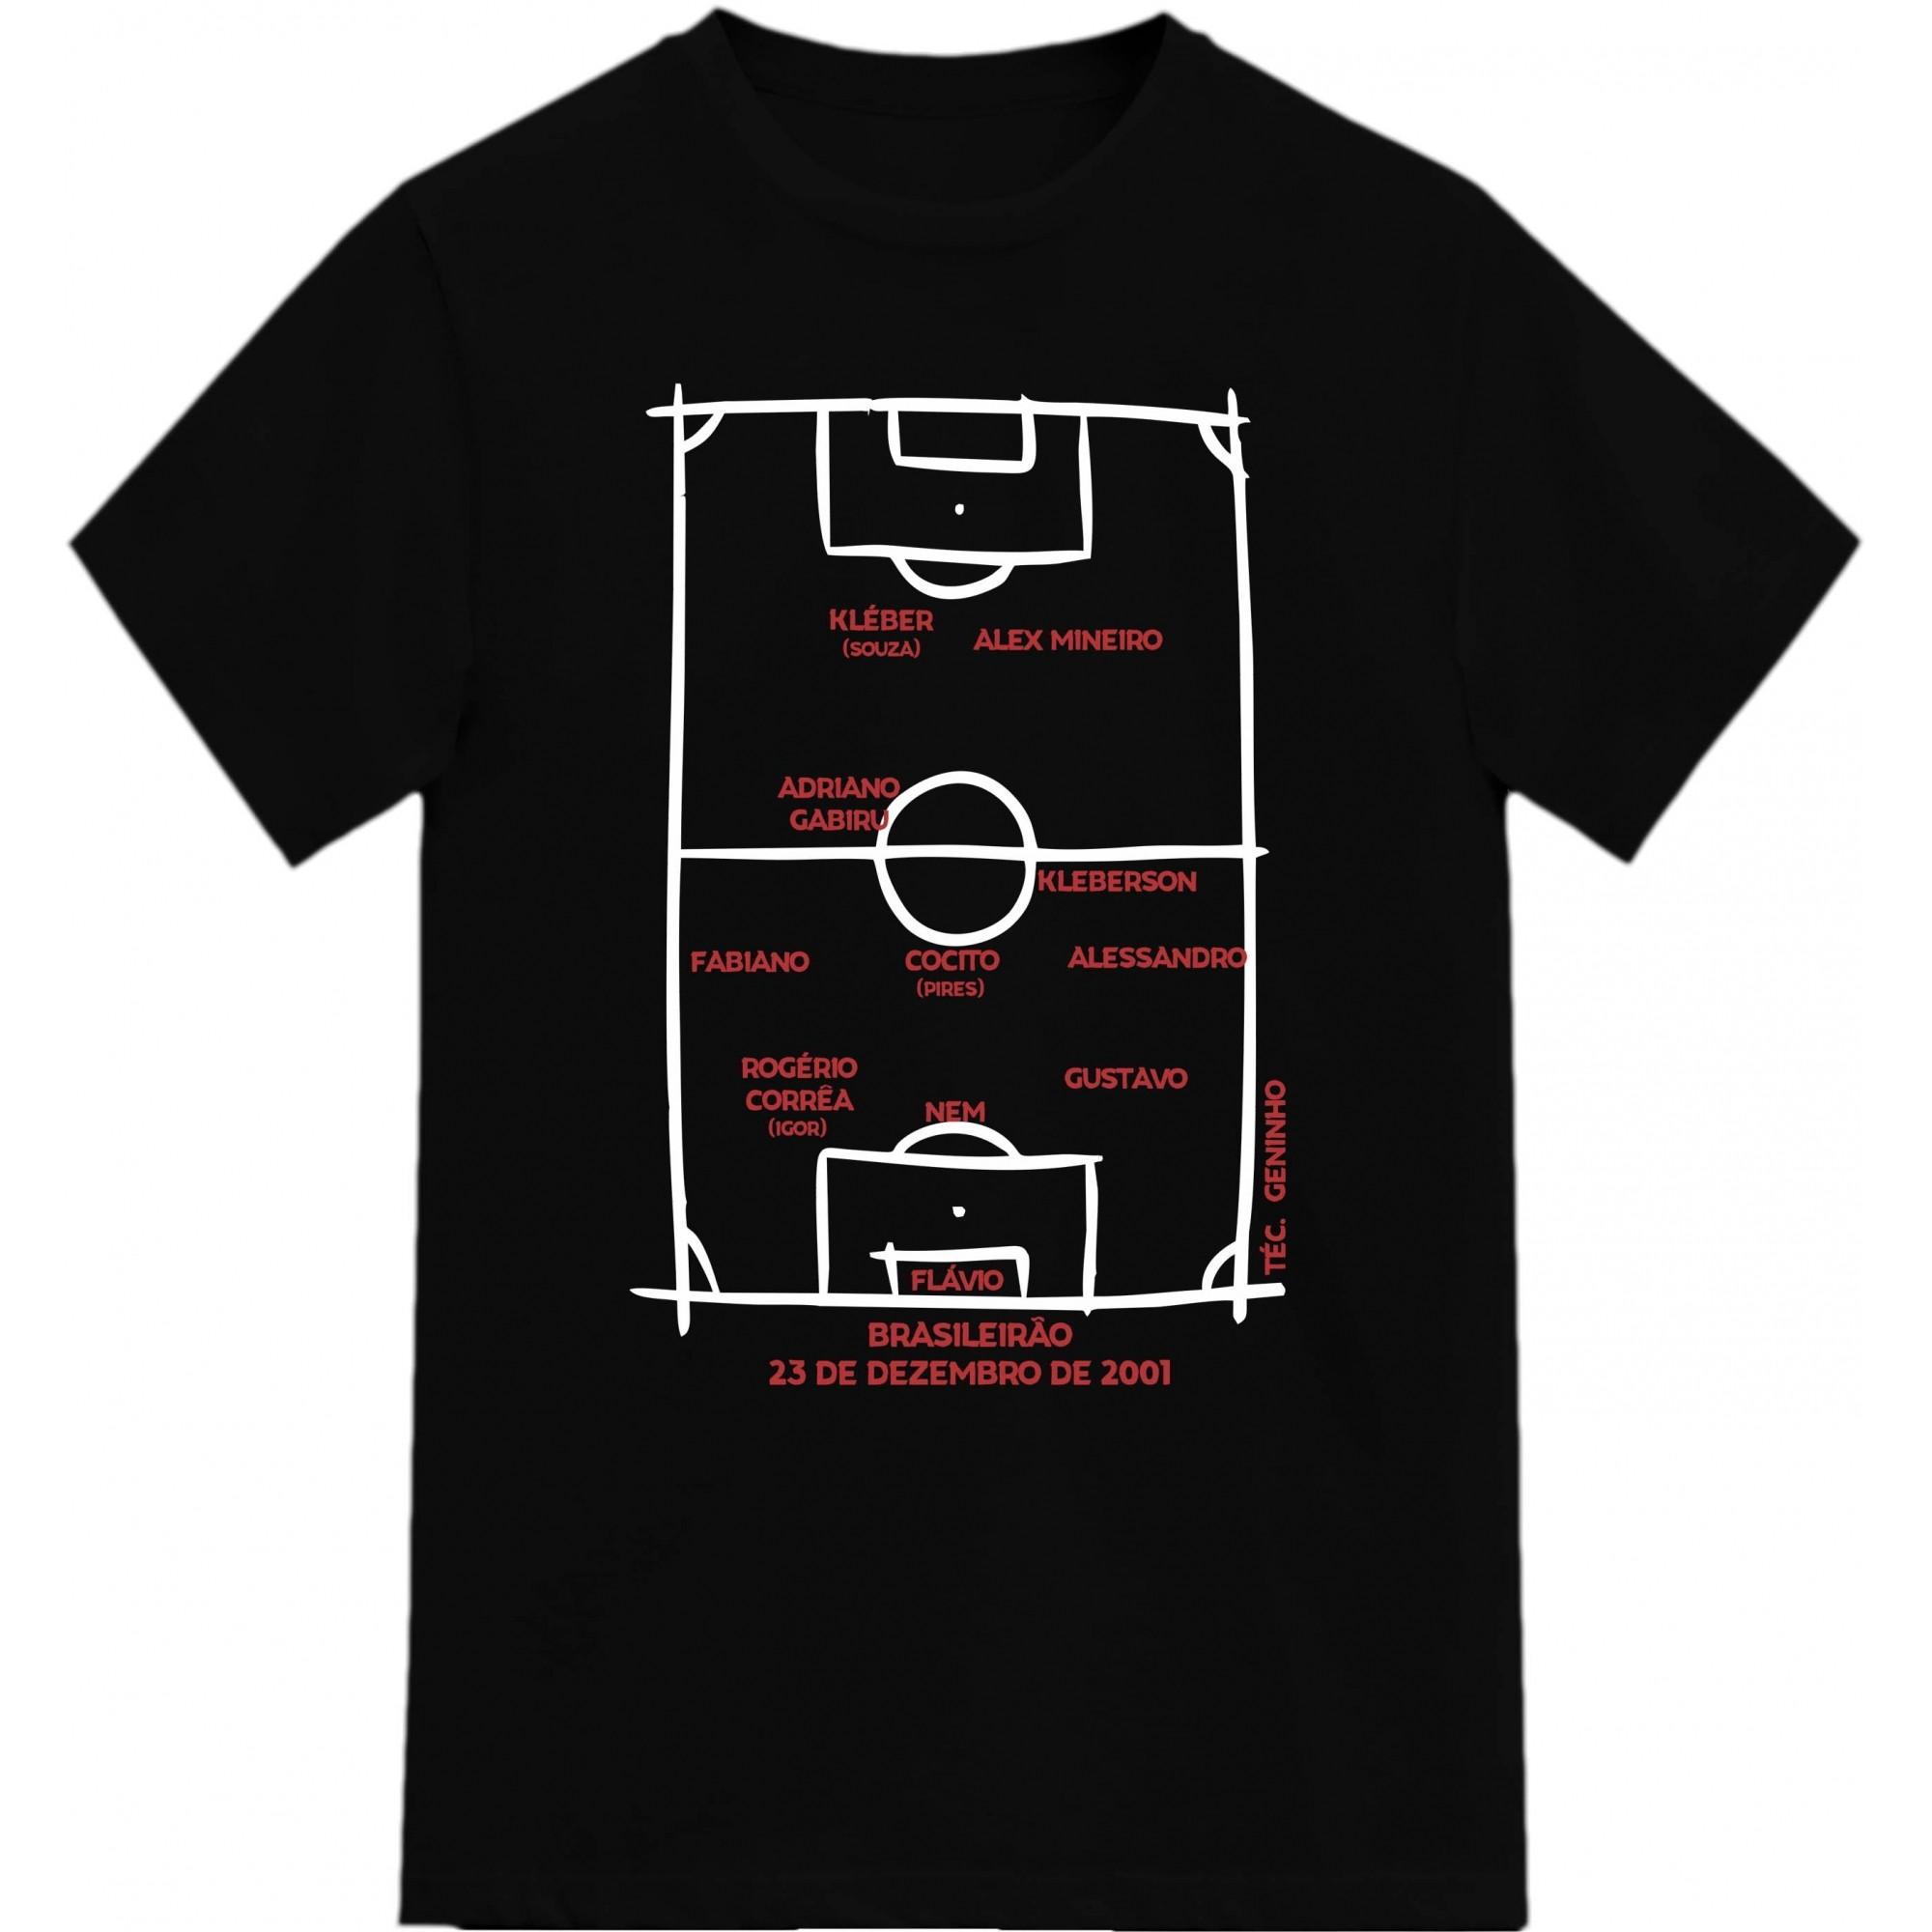 Camiseta Campeão Brasileiro 2001